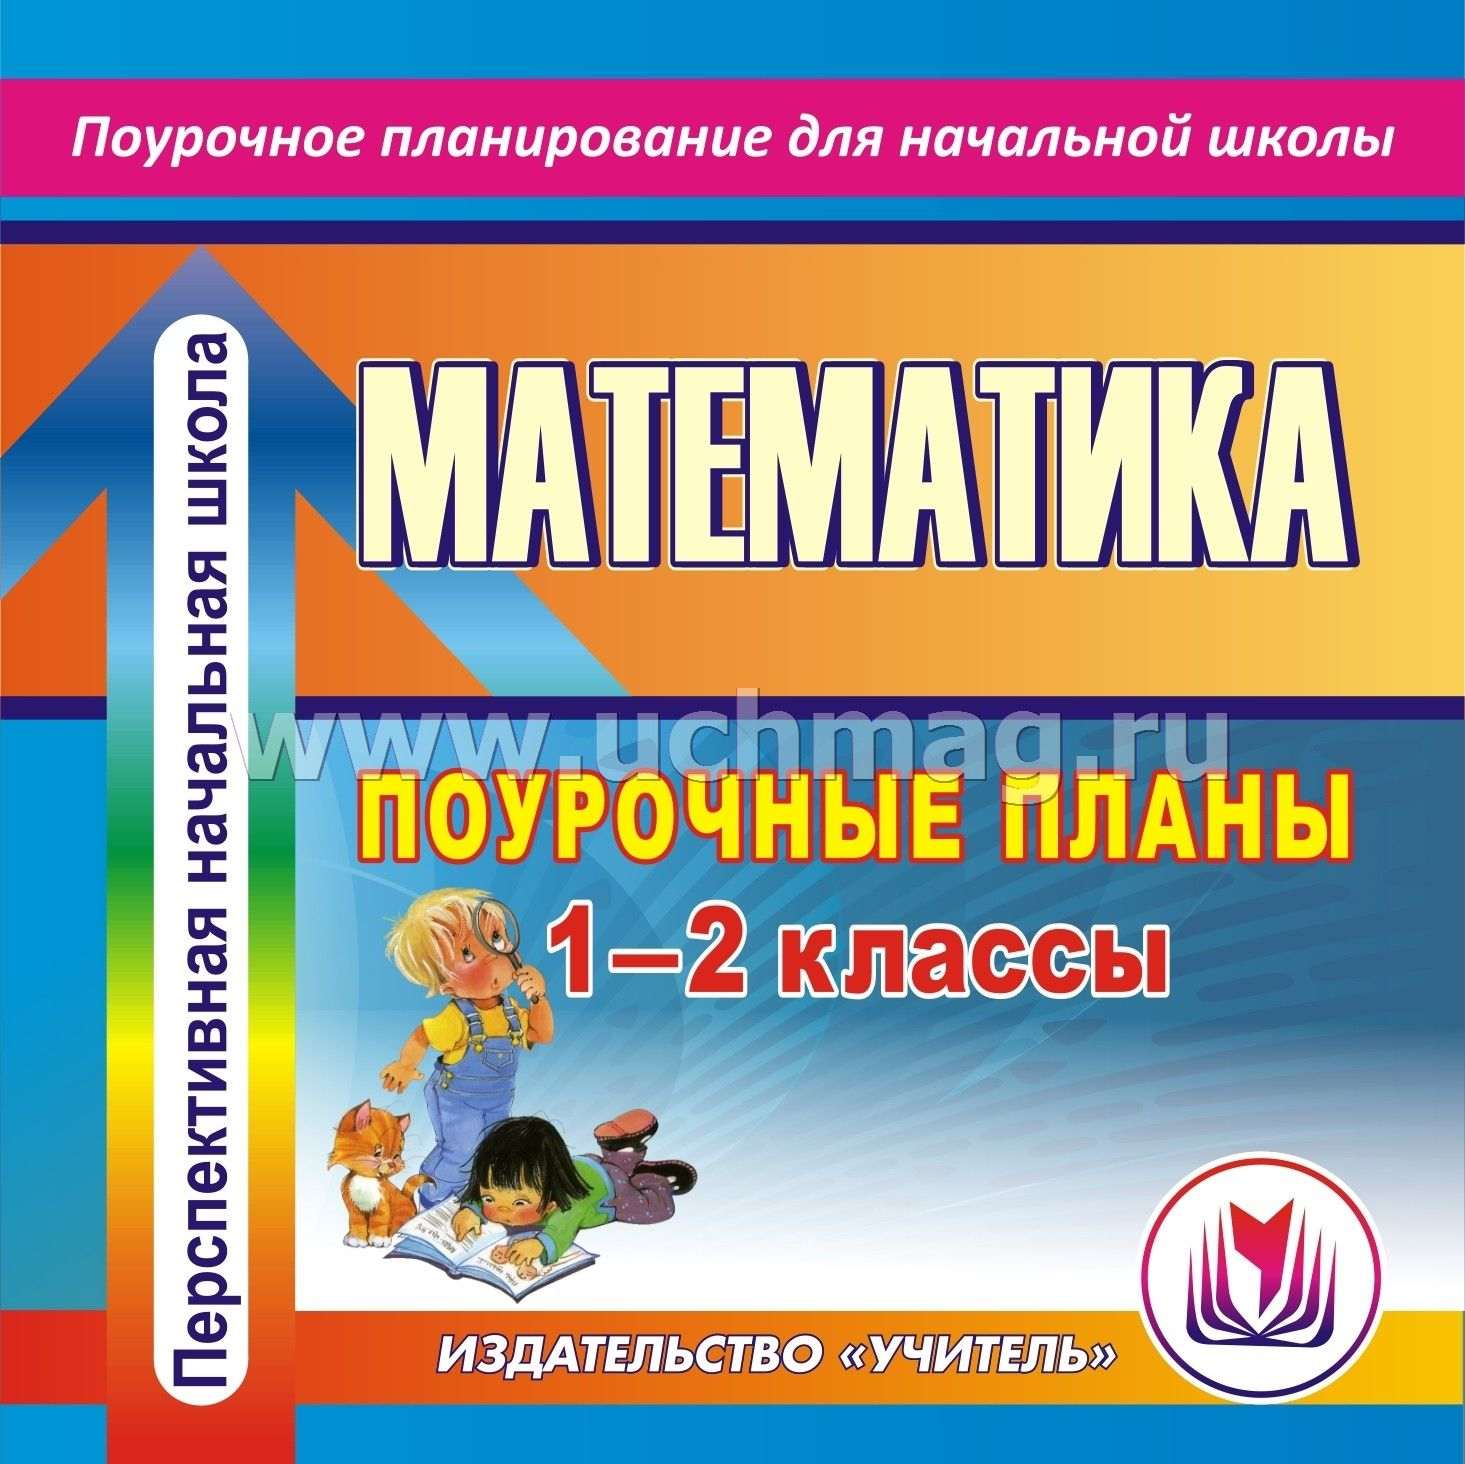 Поурочные планы по математике 2 класс школа 2100 фгос